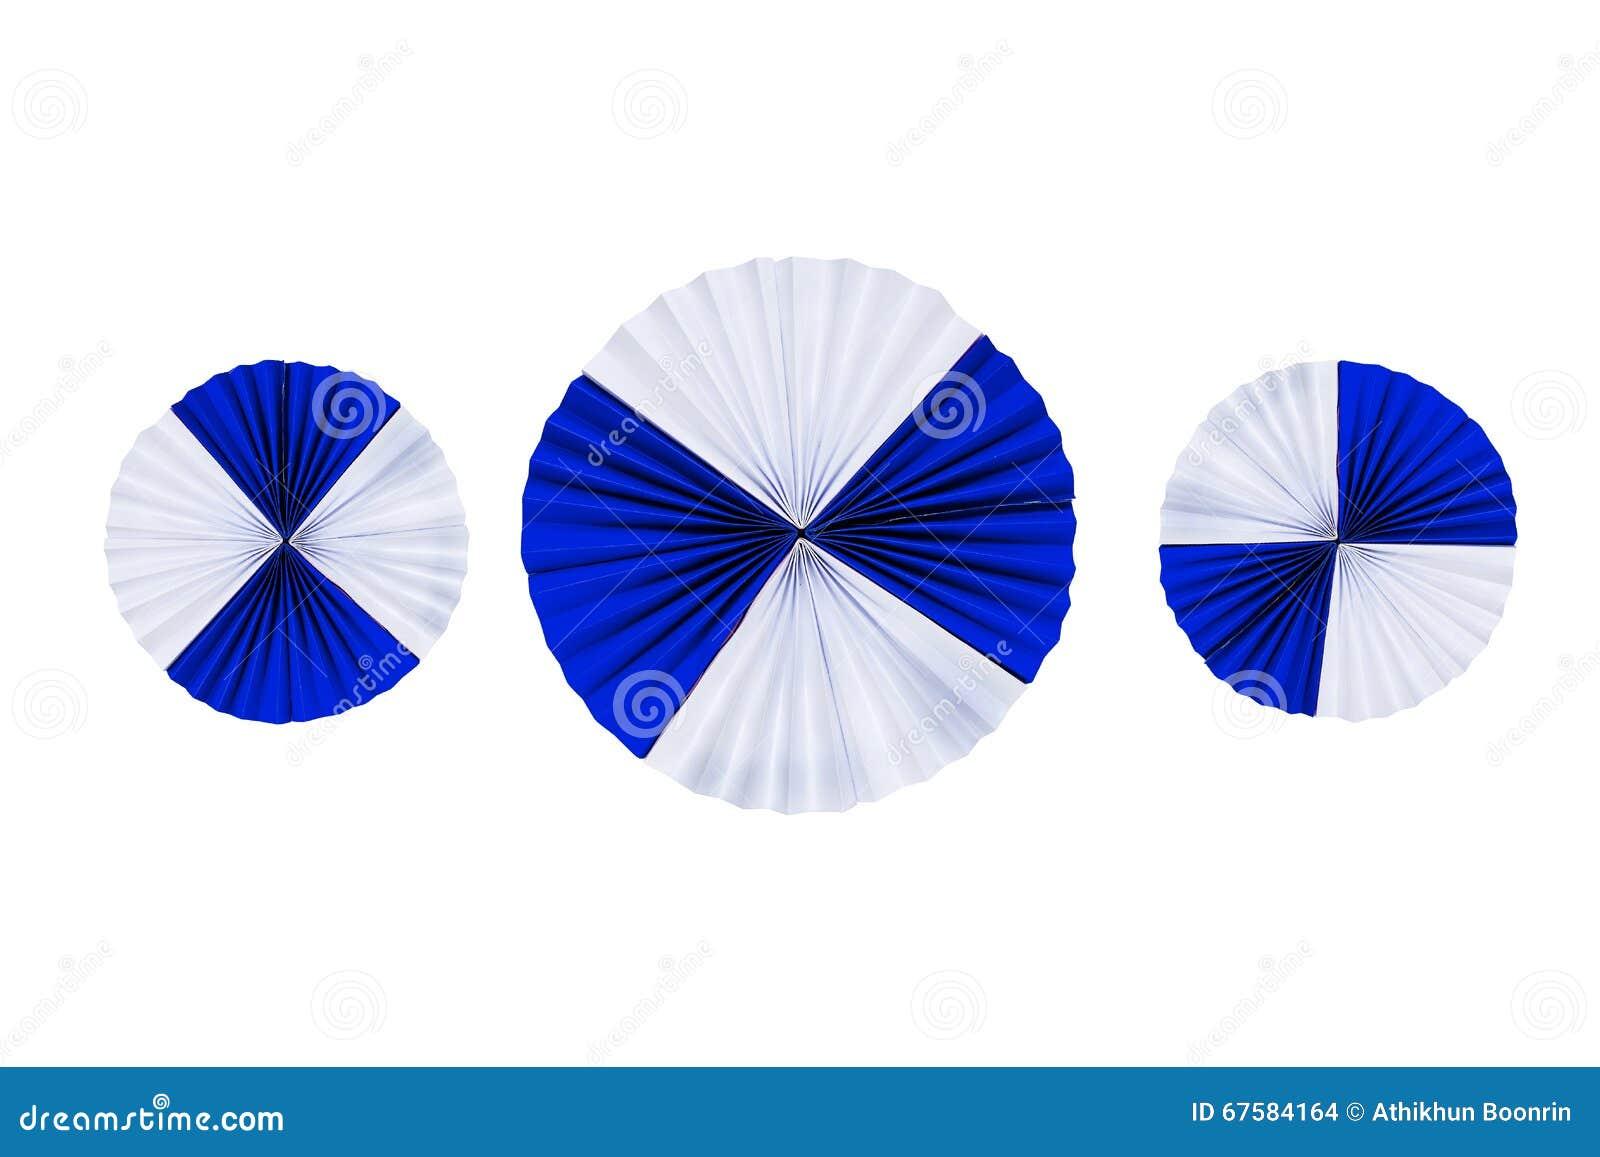 Bandes en filigrane de papier pliées dans les vagues